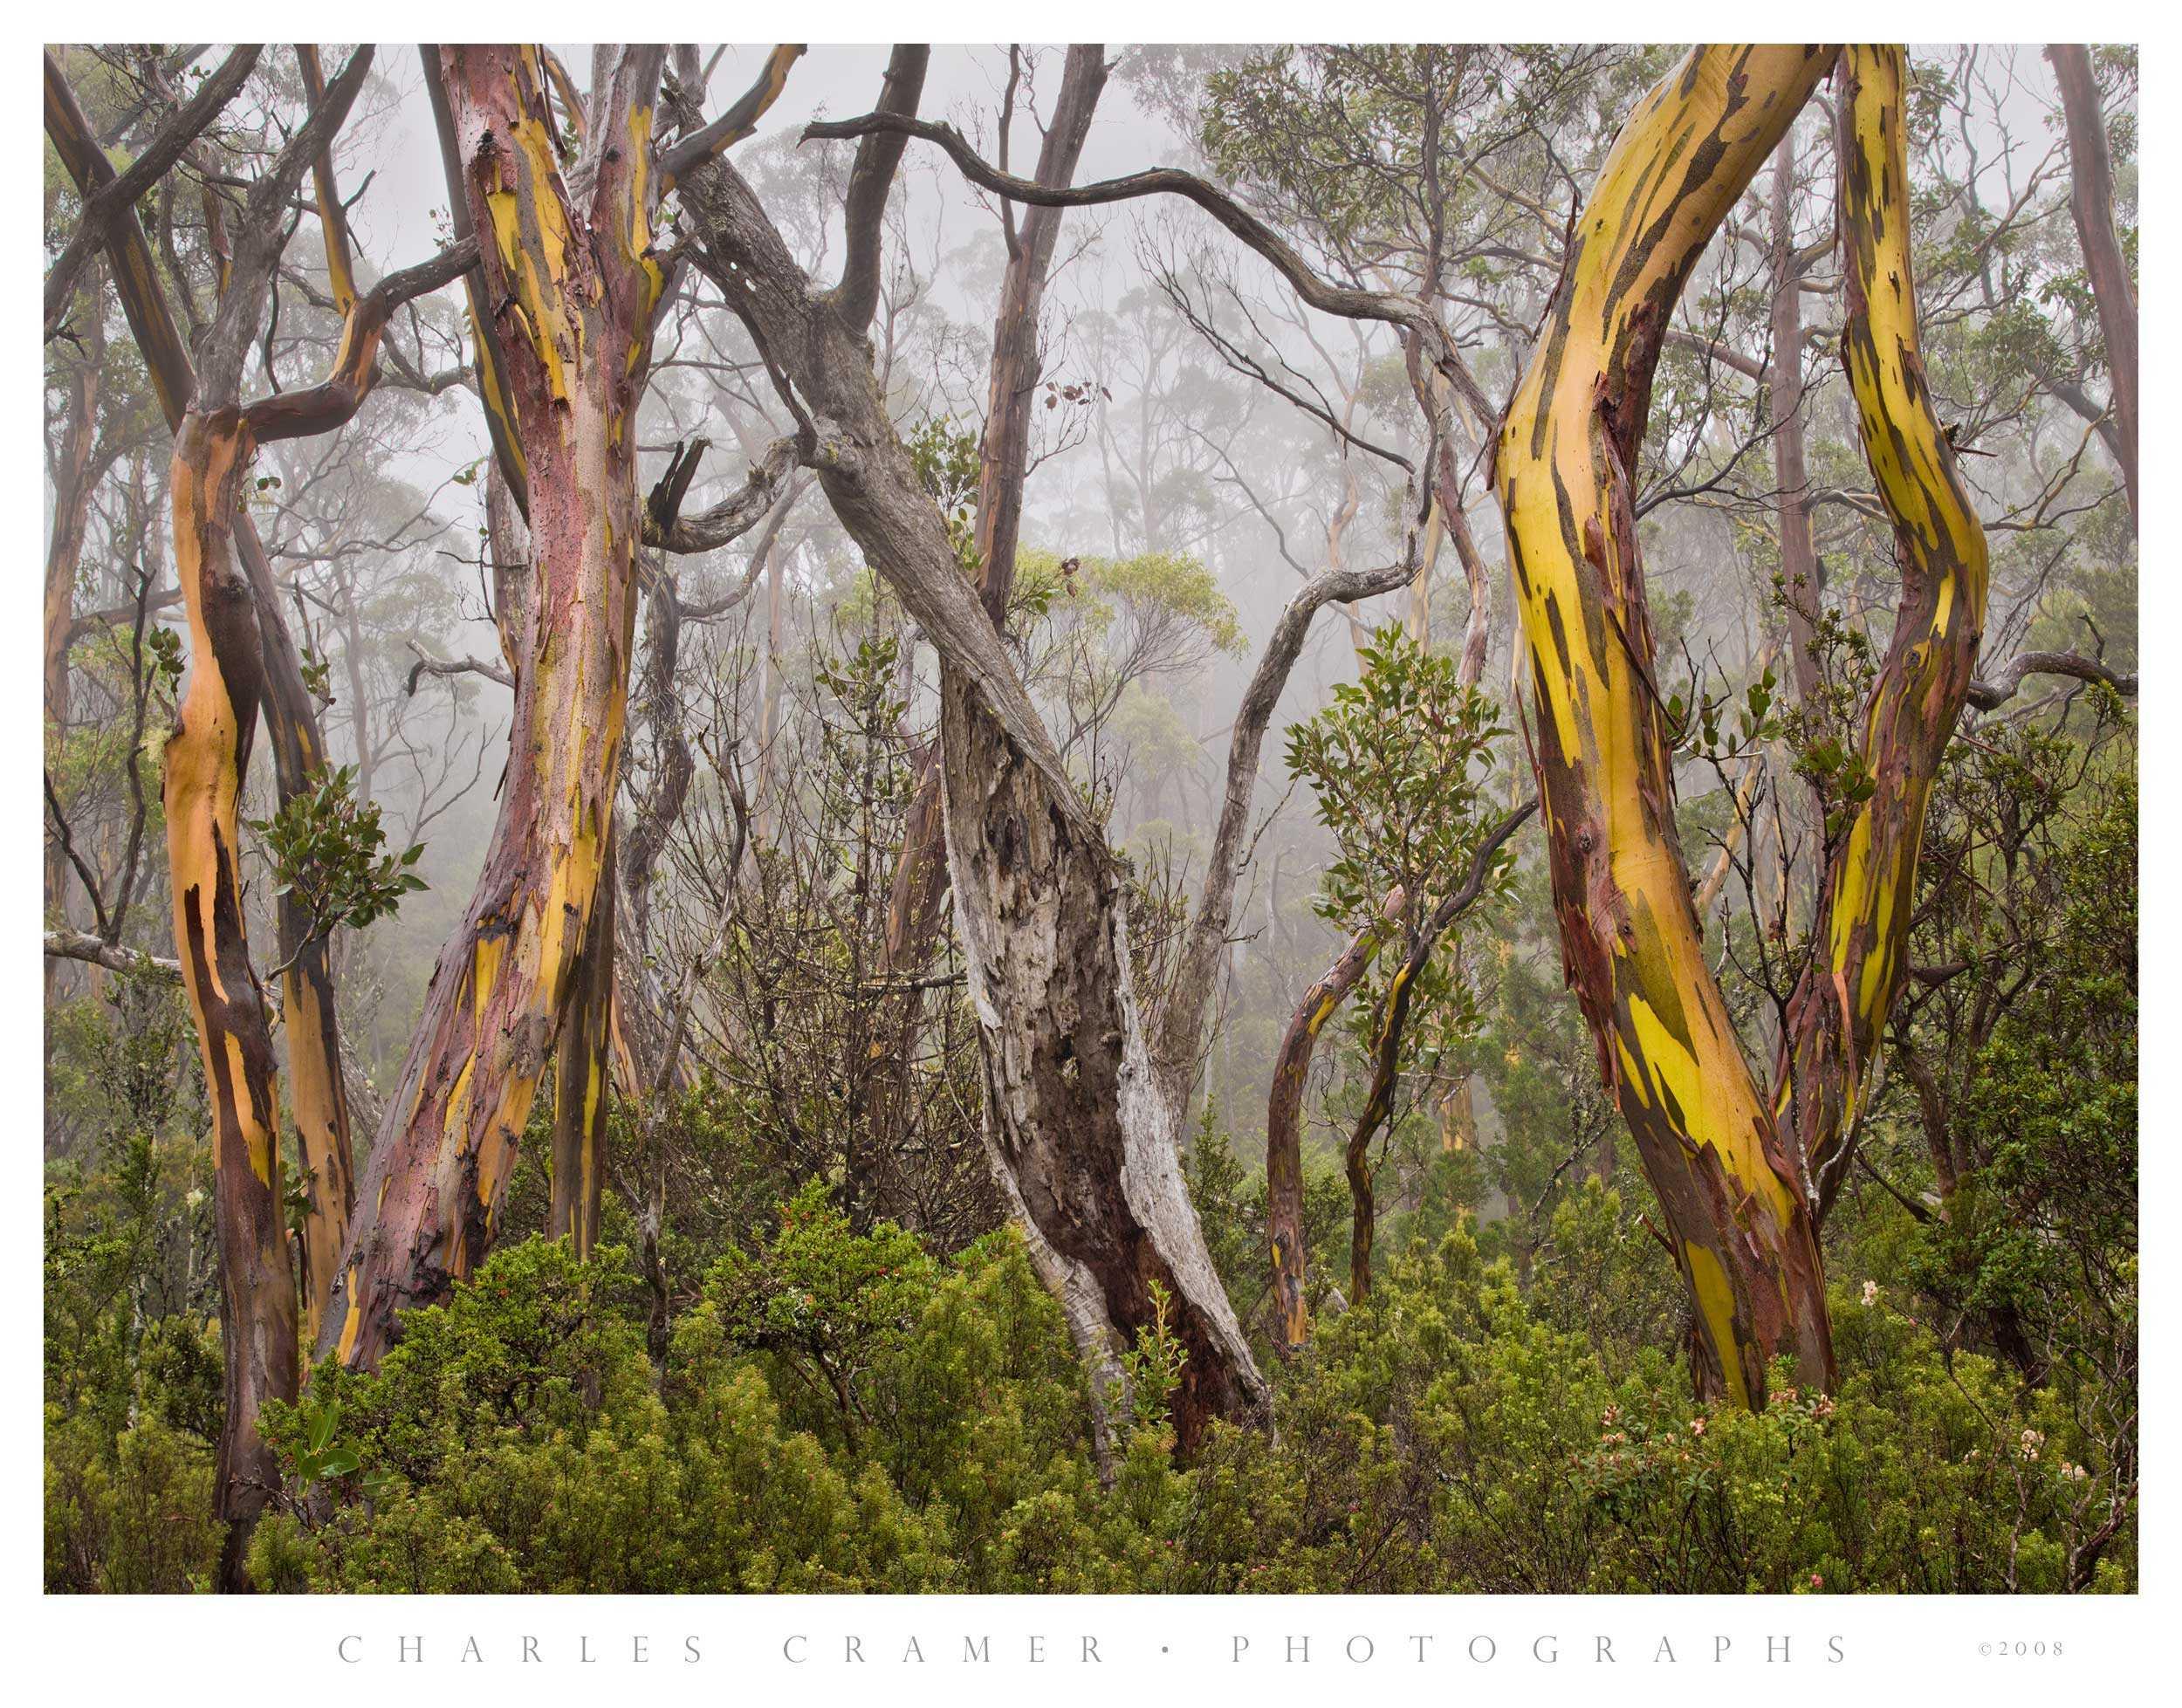 Gums in Fog, Cradle Mountain, Tasmania